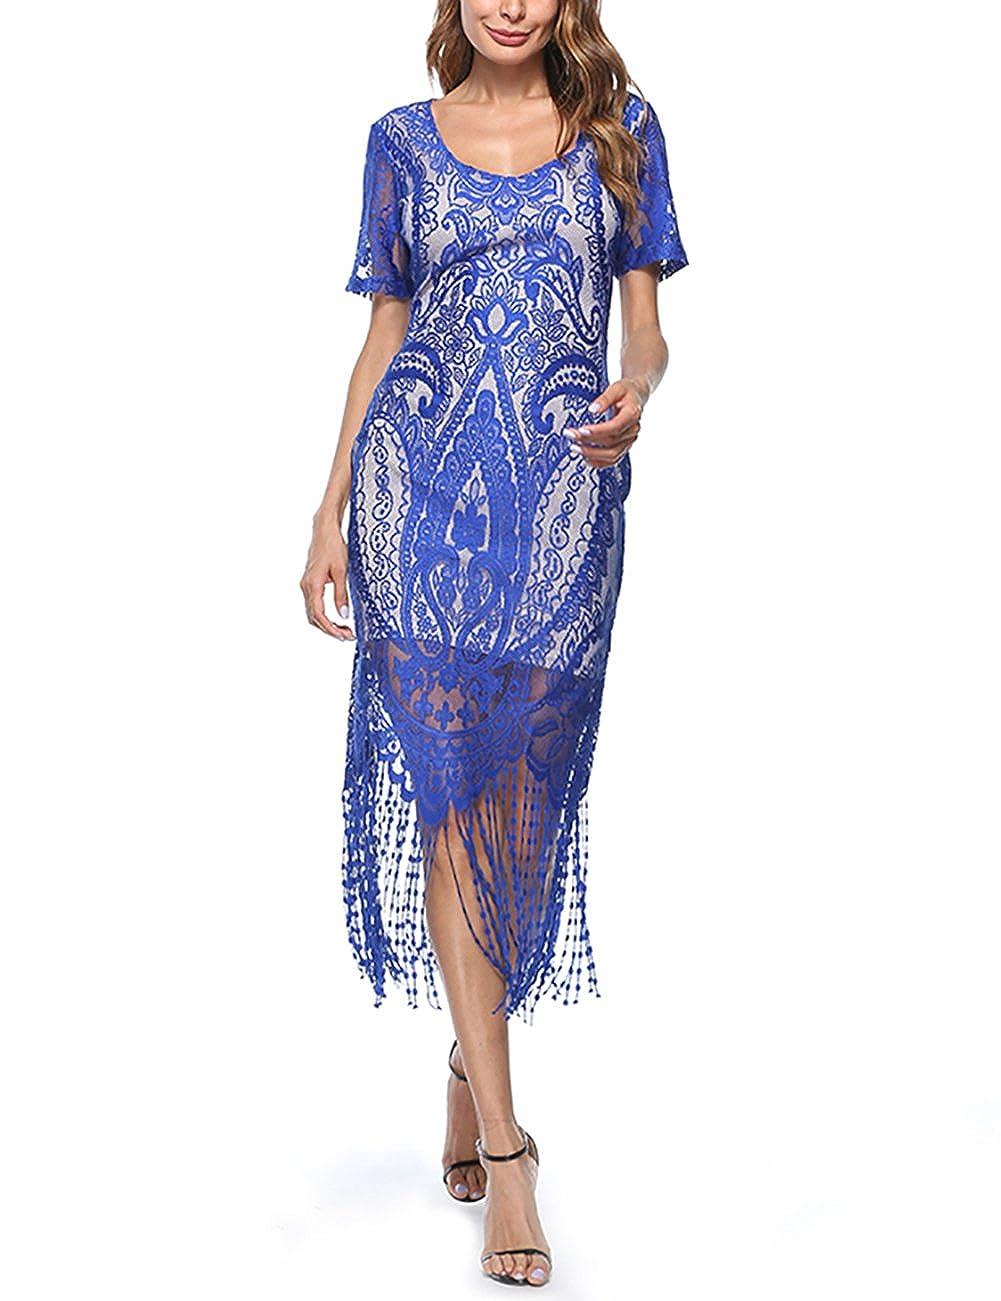 TALLA S(ES 34-36). FeelinGirl Vestido Largo de 1920s Vintage con Fleco Encaje Vestido de Manga Corta Fiesta para Mujer Azul S(ES 34-36)